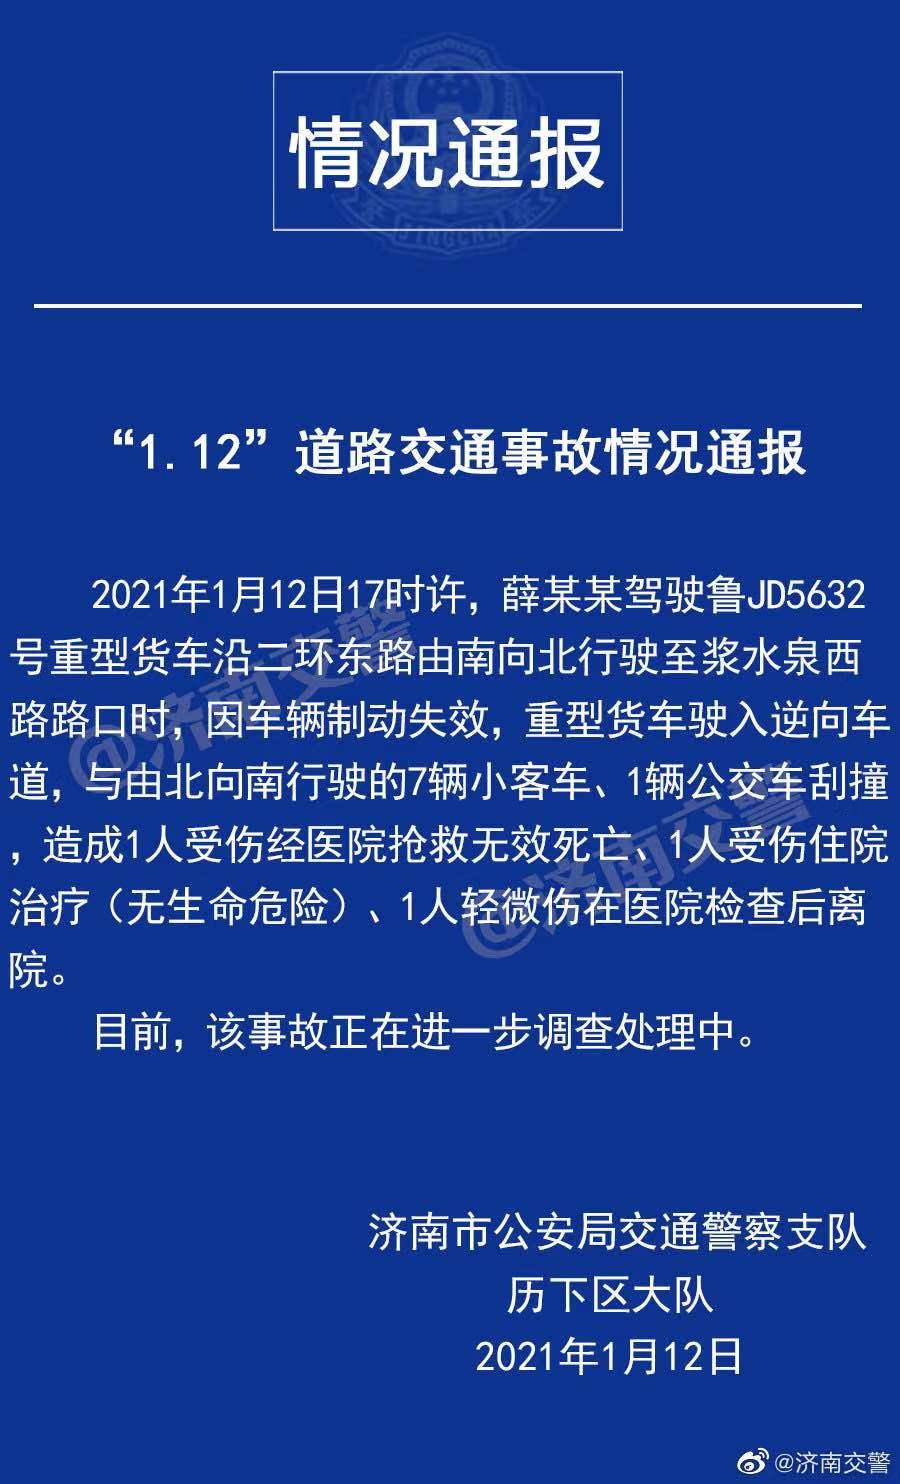 山东济南1辆大货车与7辆客车1辆公交相撞 致1人死亡